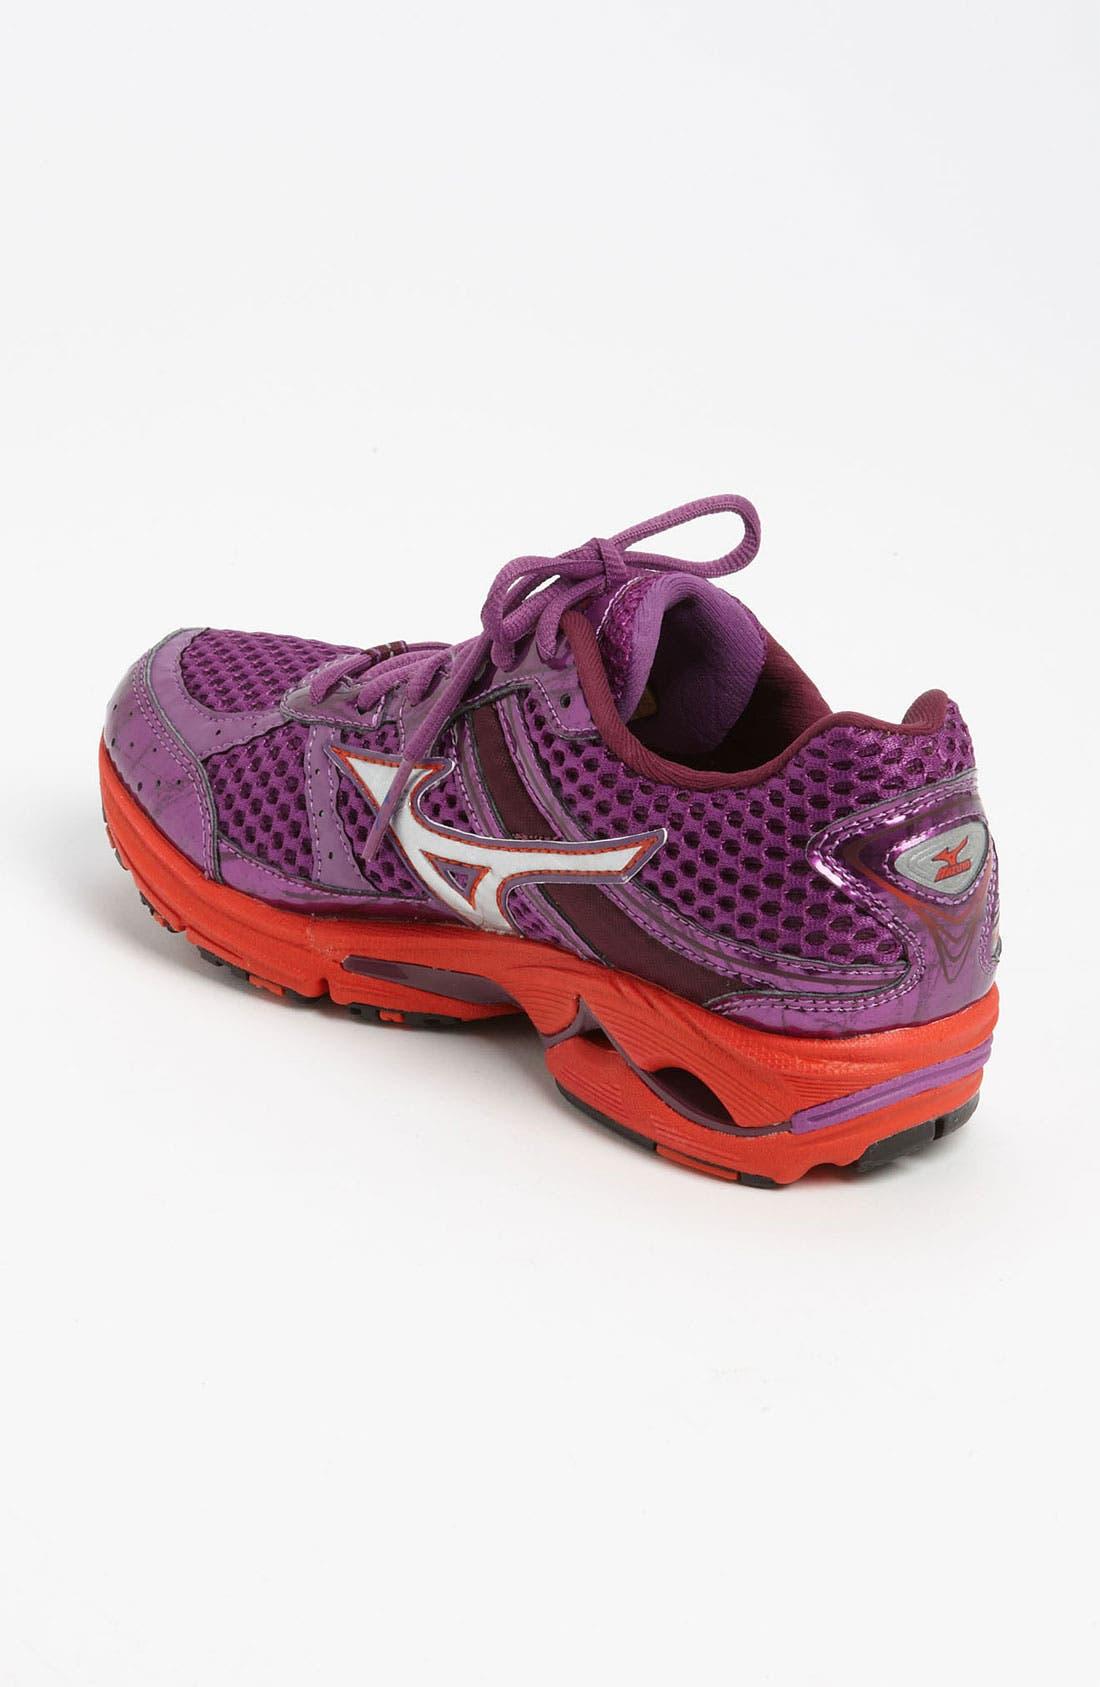 Alternate Image 2  - Mizuno 'Wave Rider 15' Running Shoe (Women) (Regular Retail Price: $144.95)